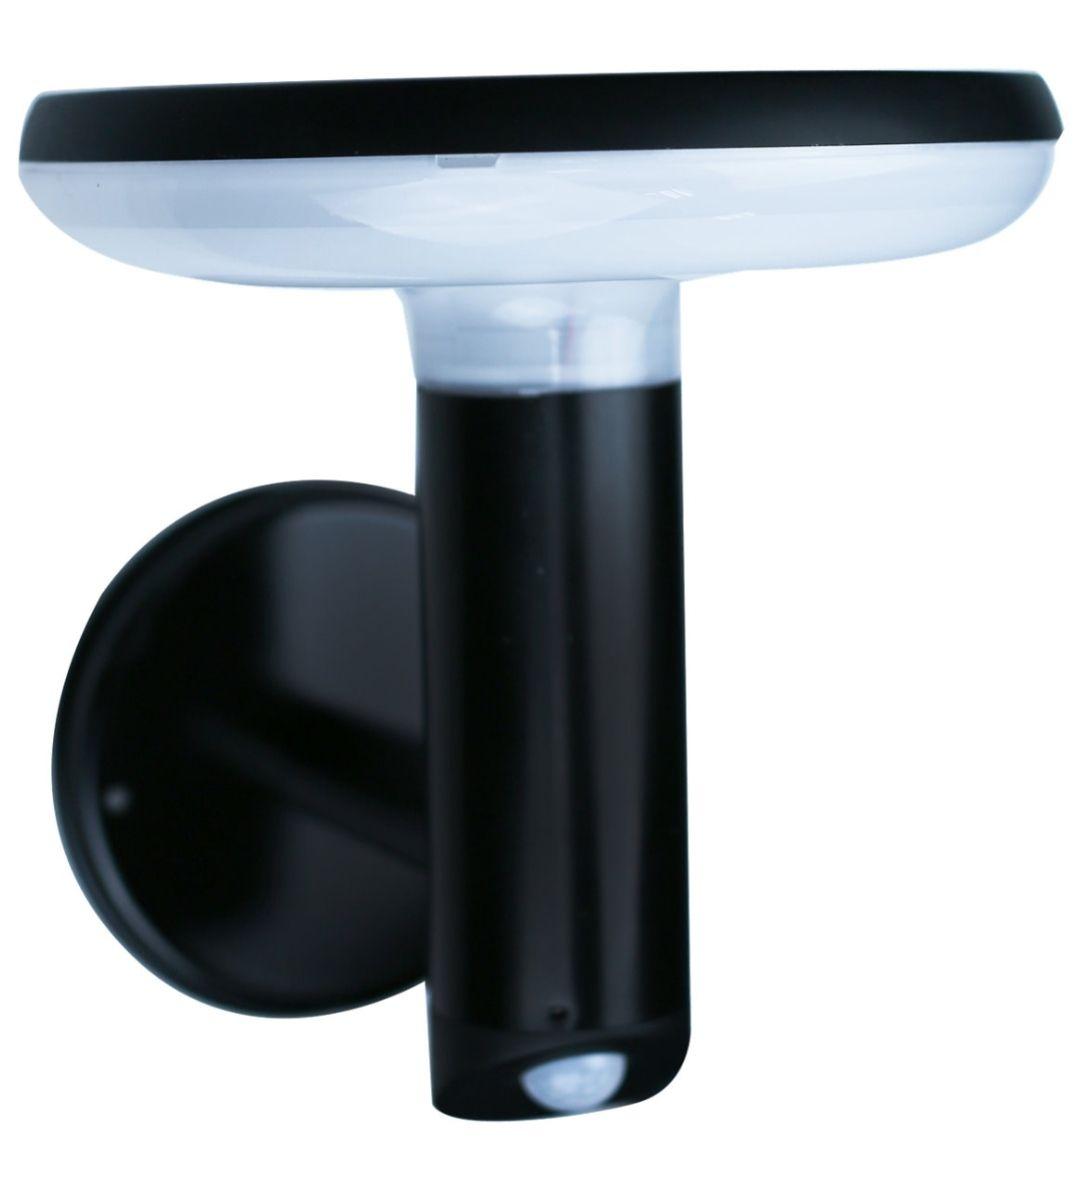 Aplique solar LED INSPIRE Sykli con detector de presencia